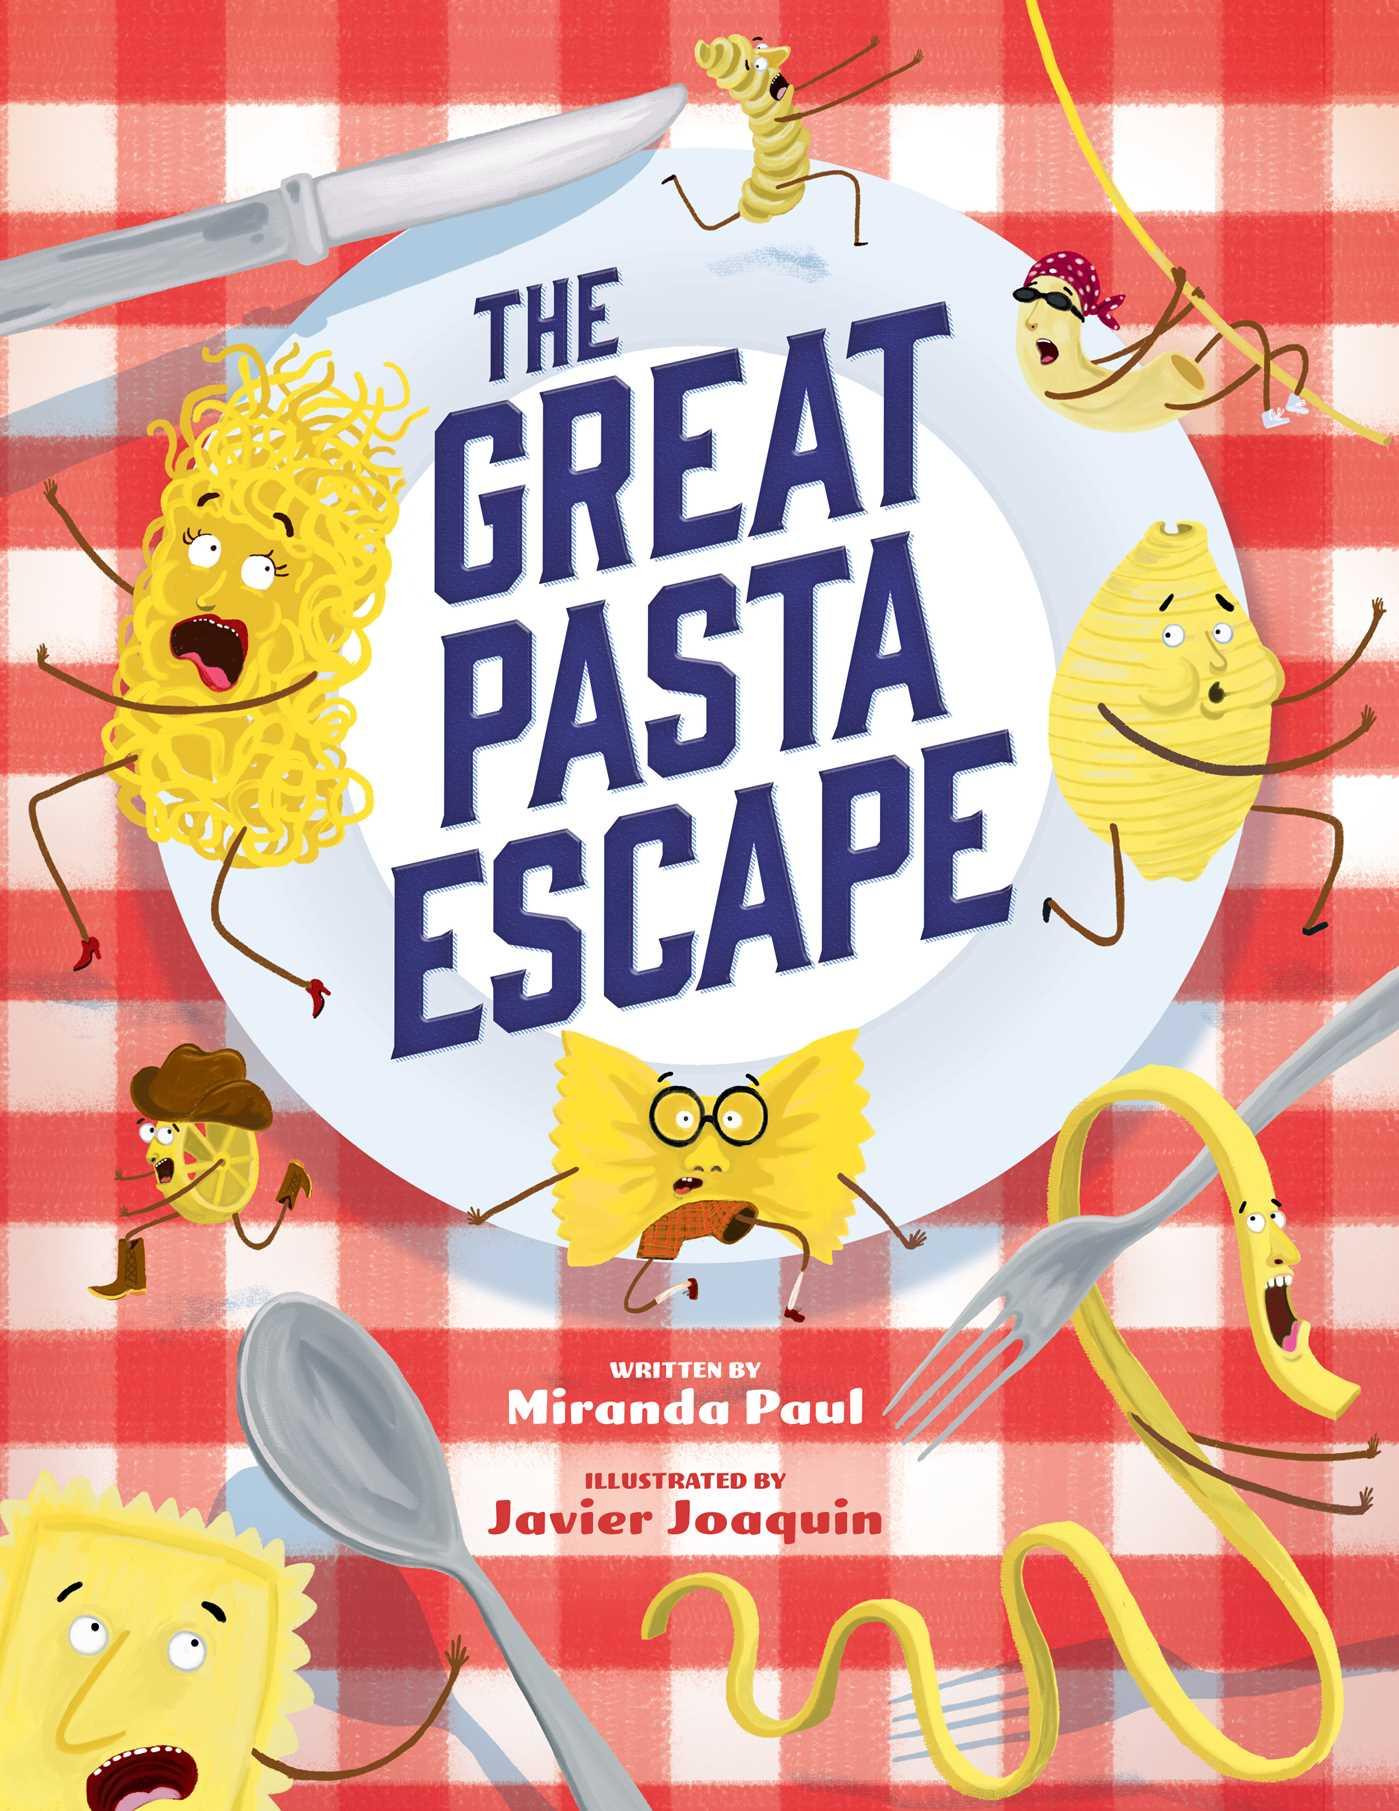 celebrate-picture-books-picture-book-review-the-great-pasta-escape-cover